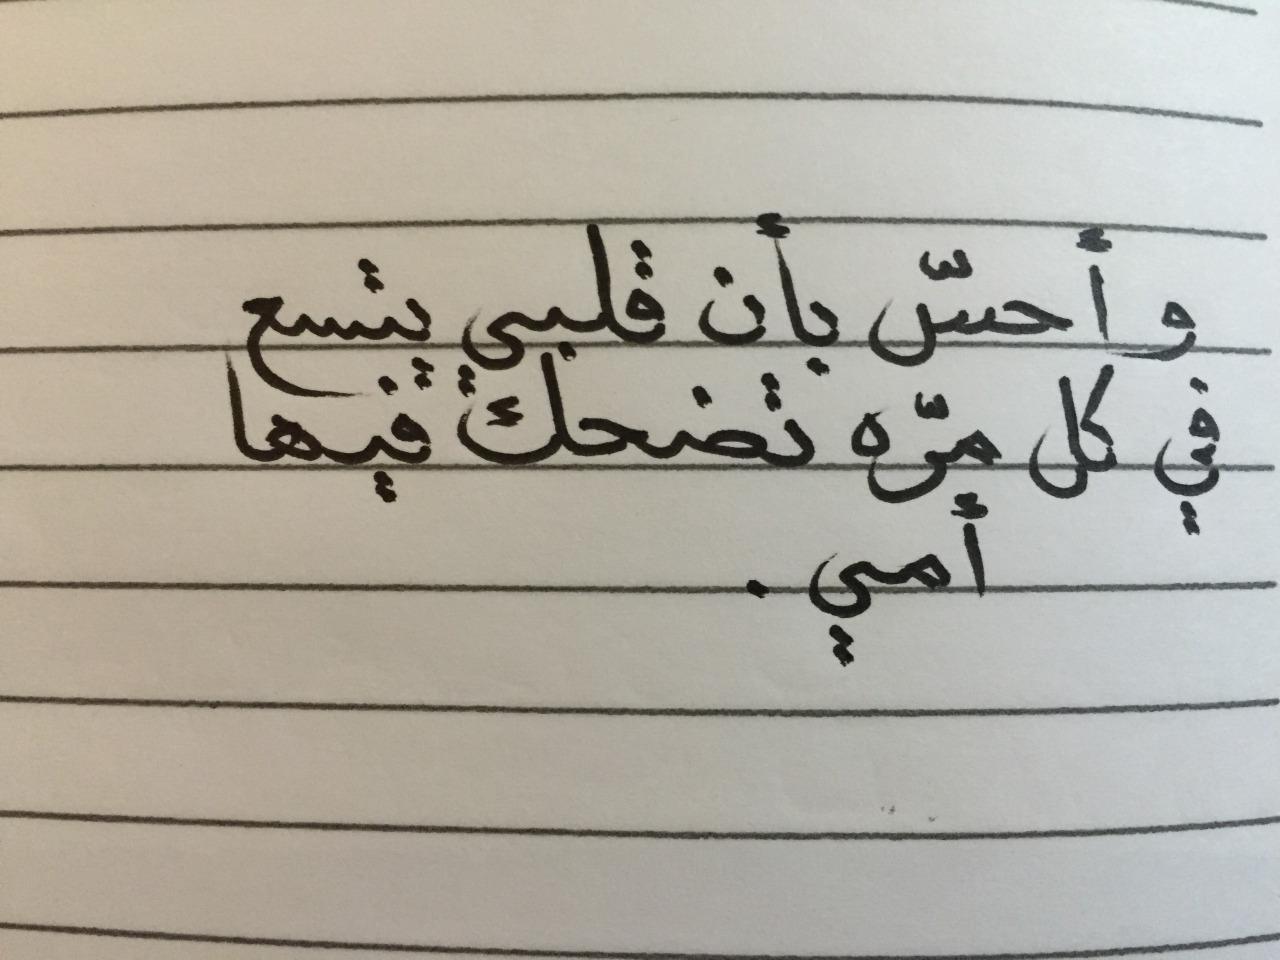 بالصور حكم عن الام , الام وحكم لتعظيم من شانها 3600 5